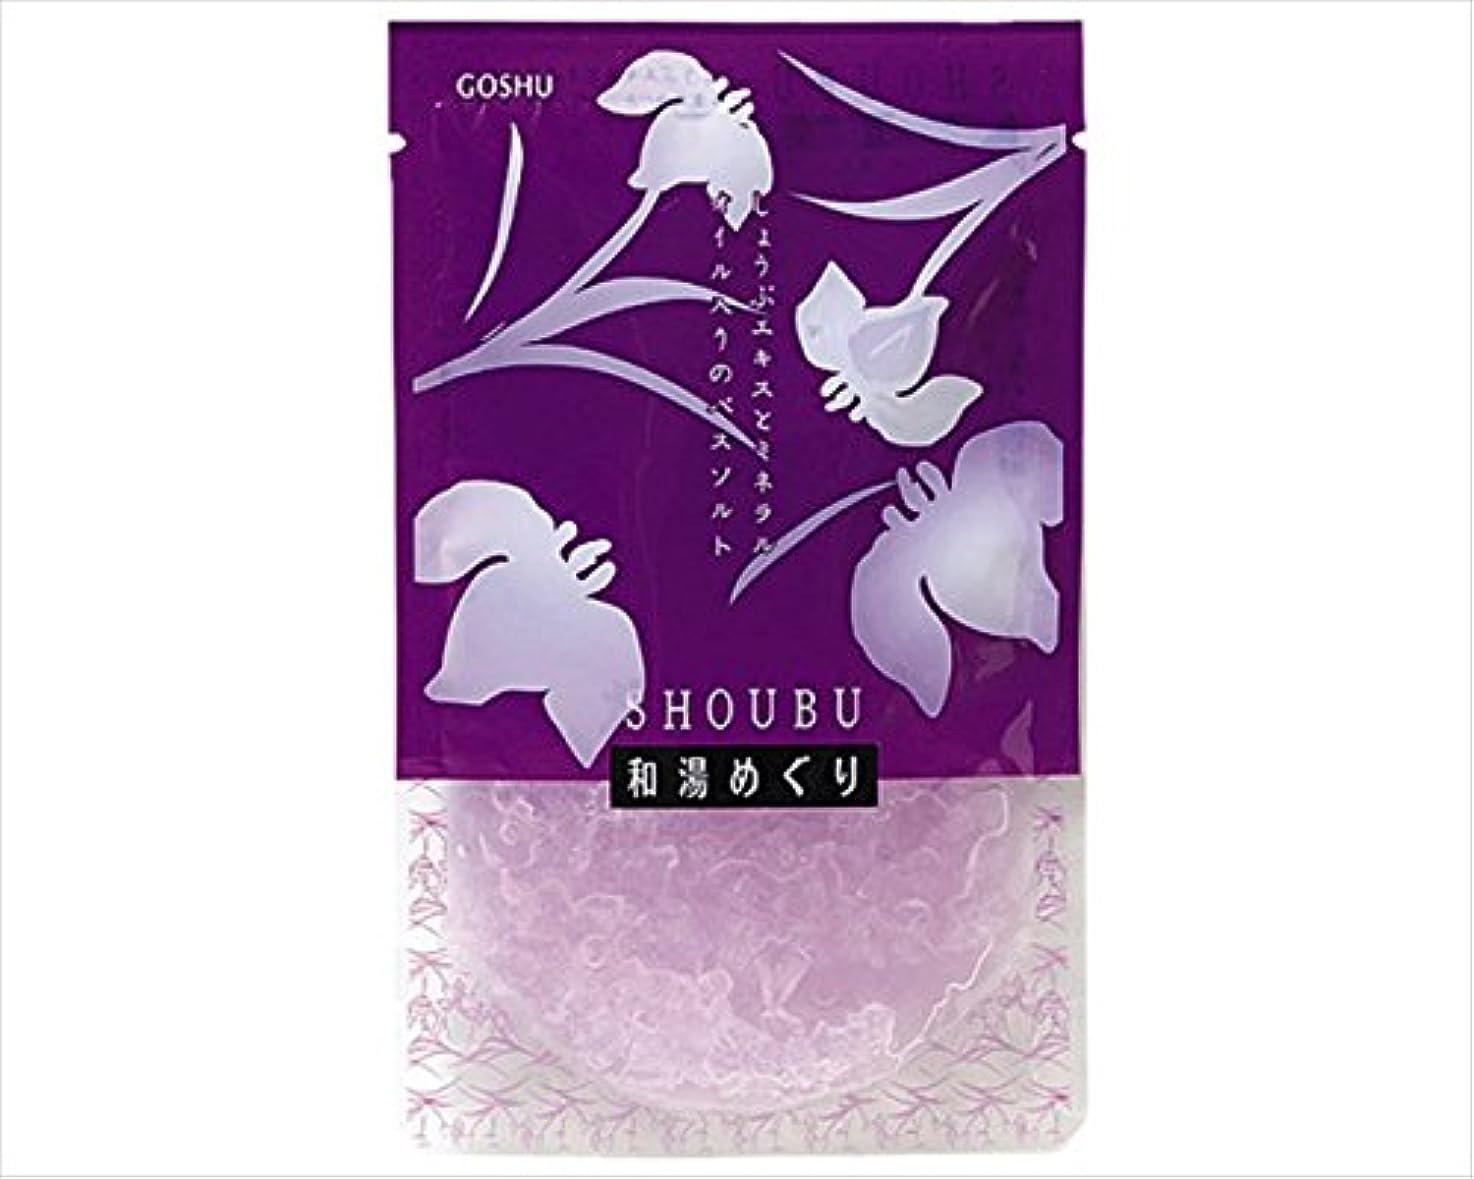 白鳥ガラス計算和湯めぐり しょうぶの香り WSH-18 45g×10包